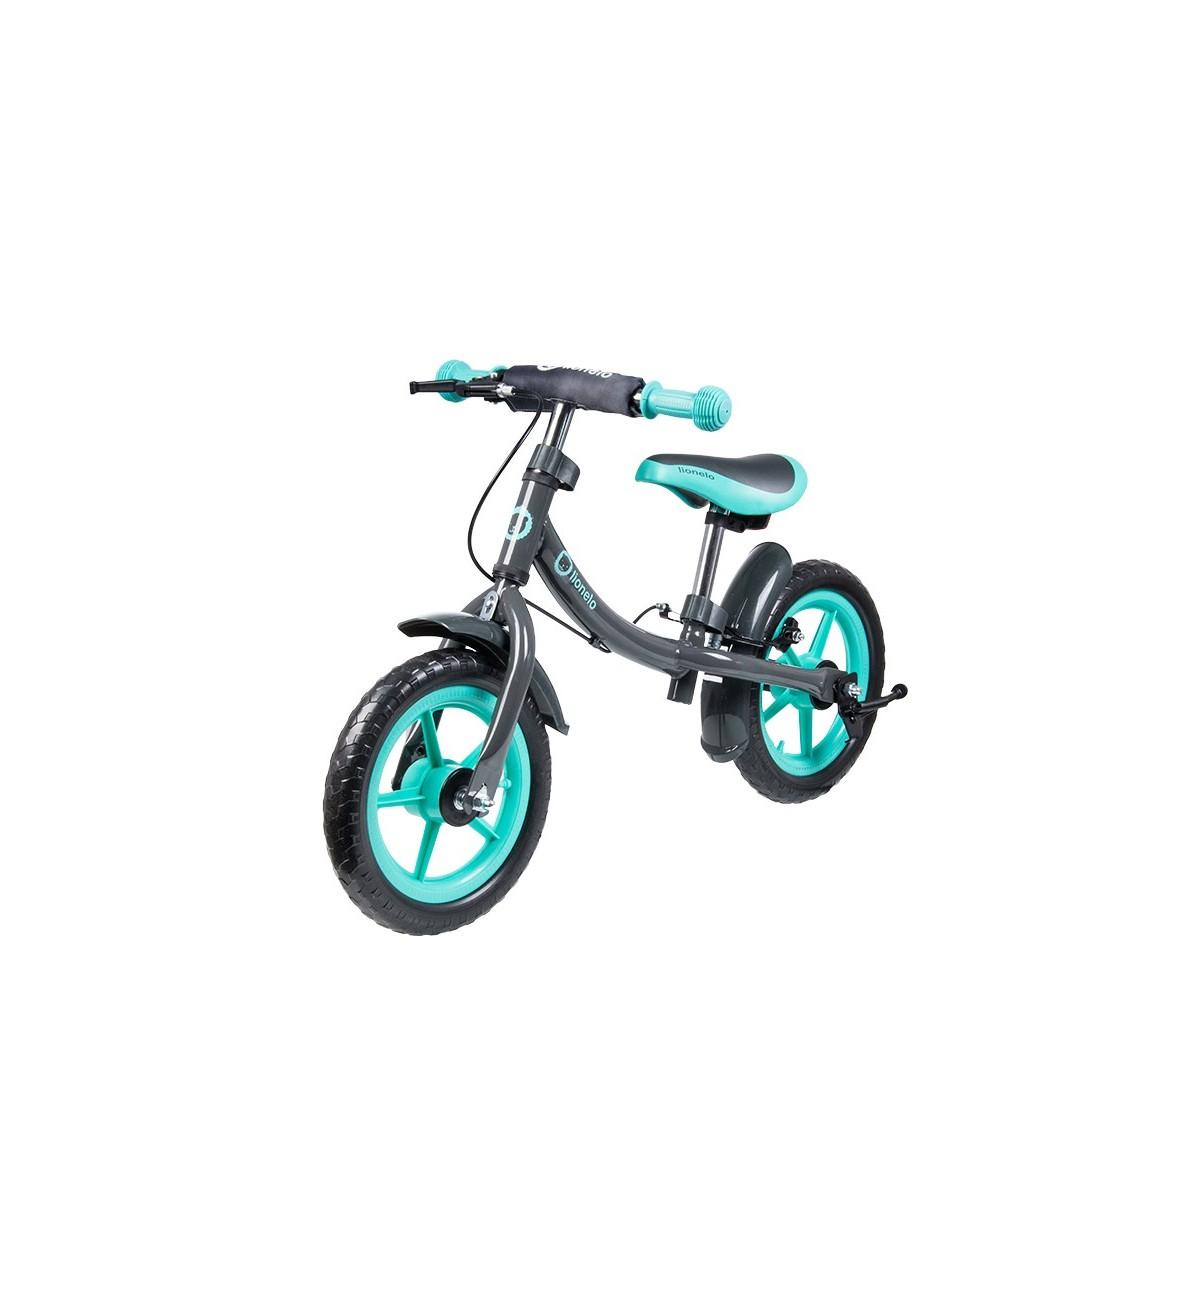 Rowerek biegowy Dan Plus Turquoise